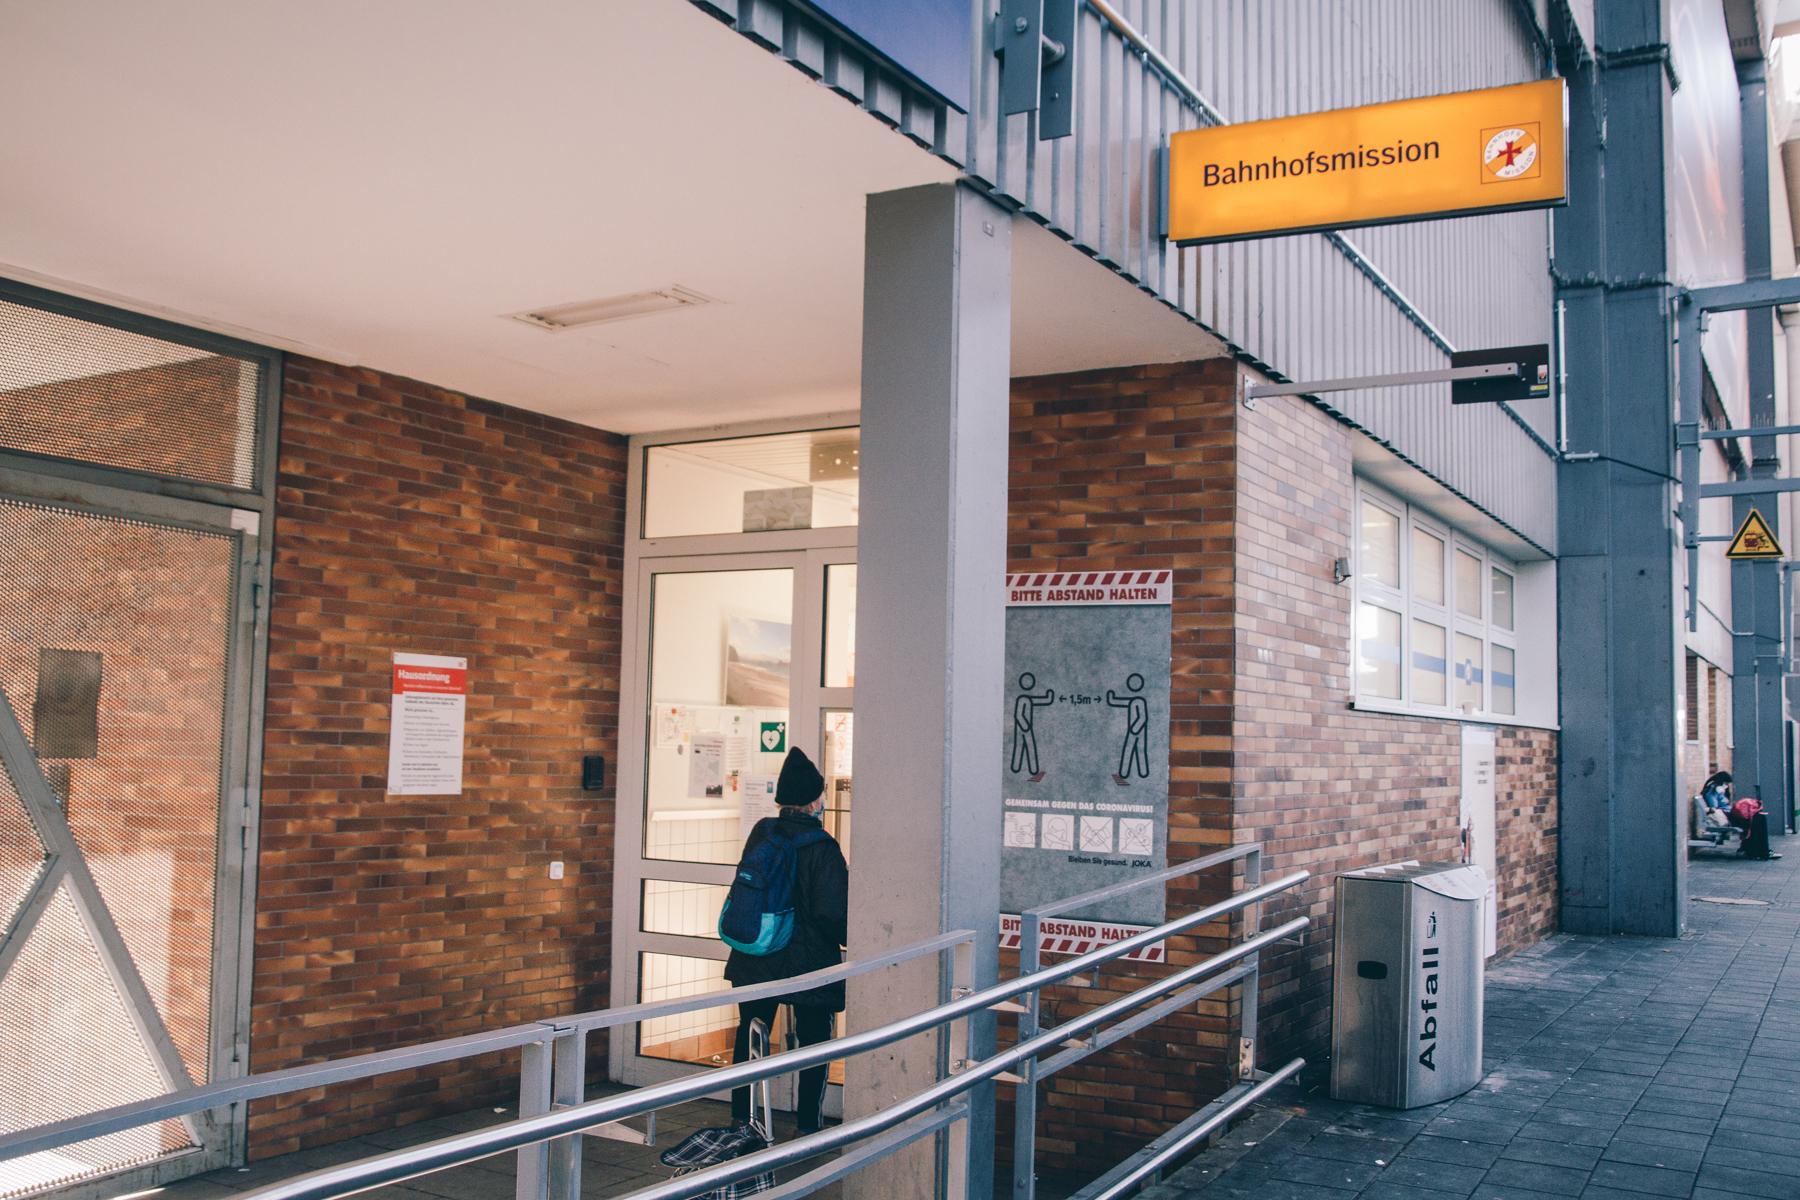 Die Bahnhofsmission am Gleis 11.  – ©wunderland media GmbH